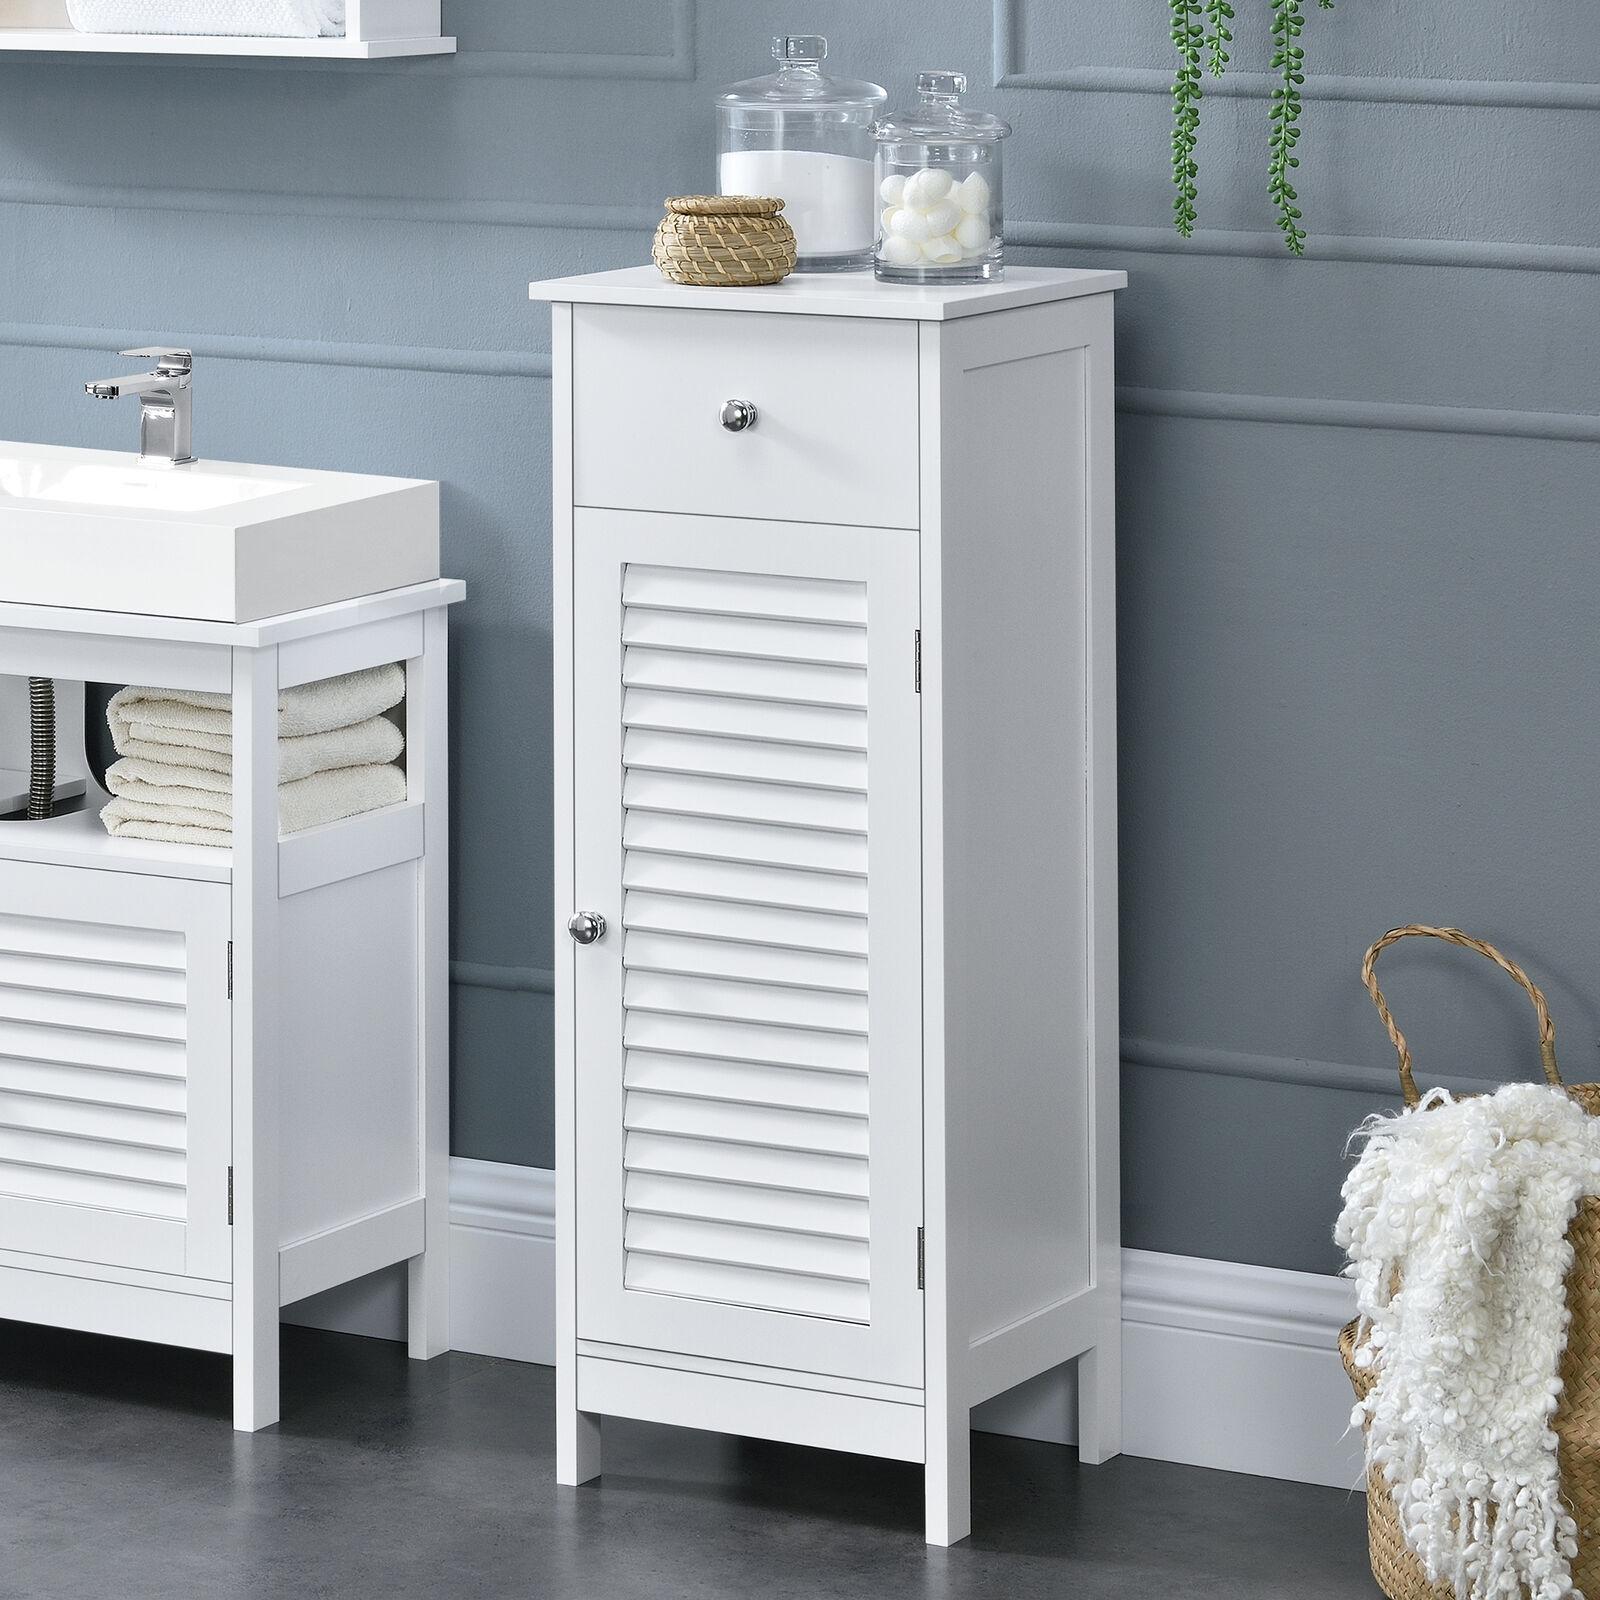 En. casa ® armario para el cuarto de baño armario estaba baño armario armario cómoda 87x30x30cm